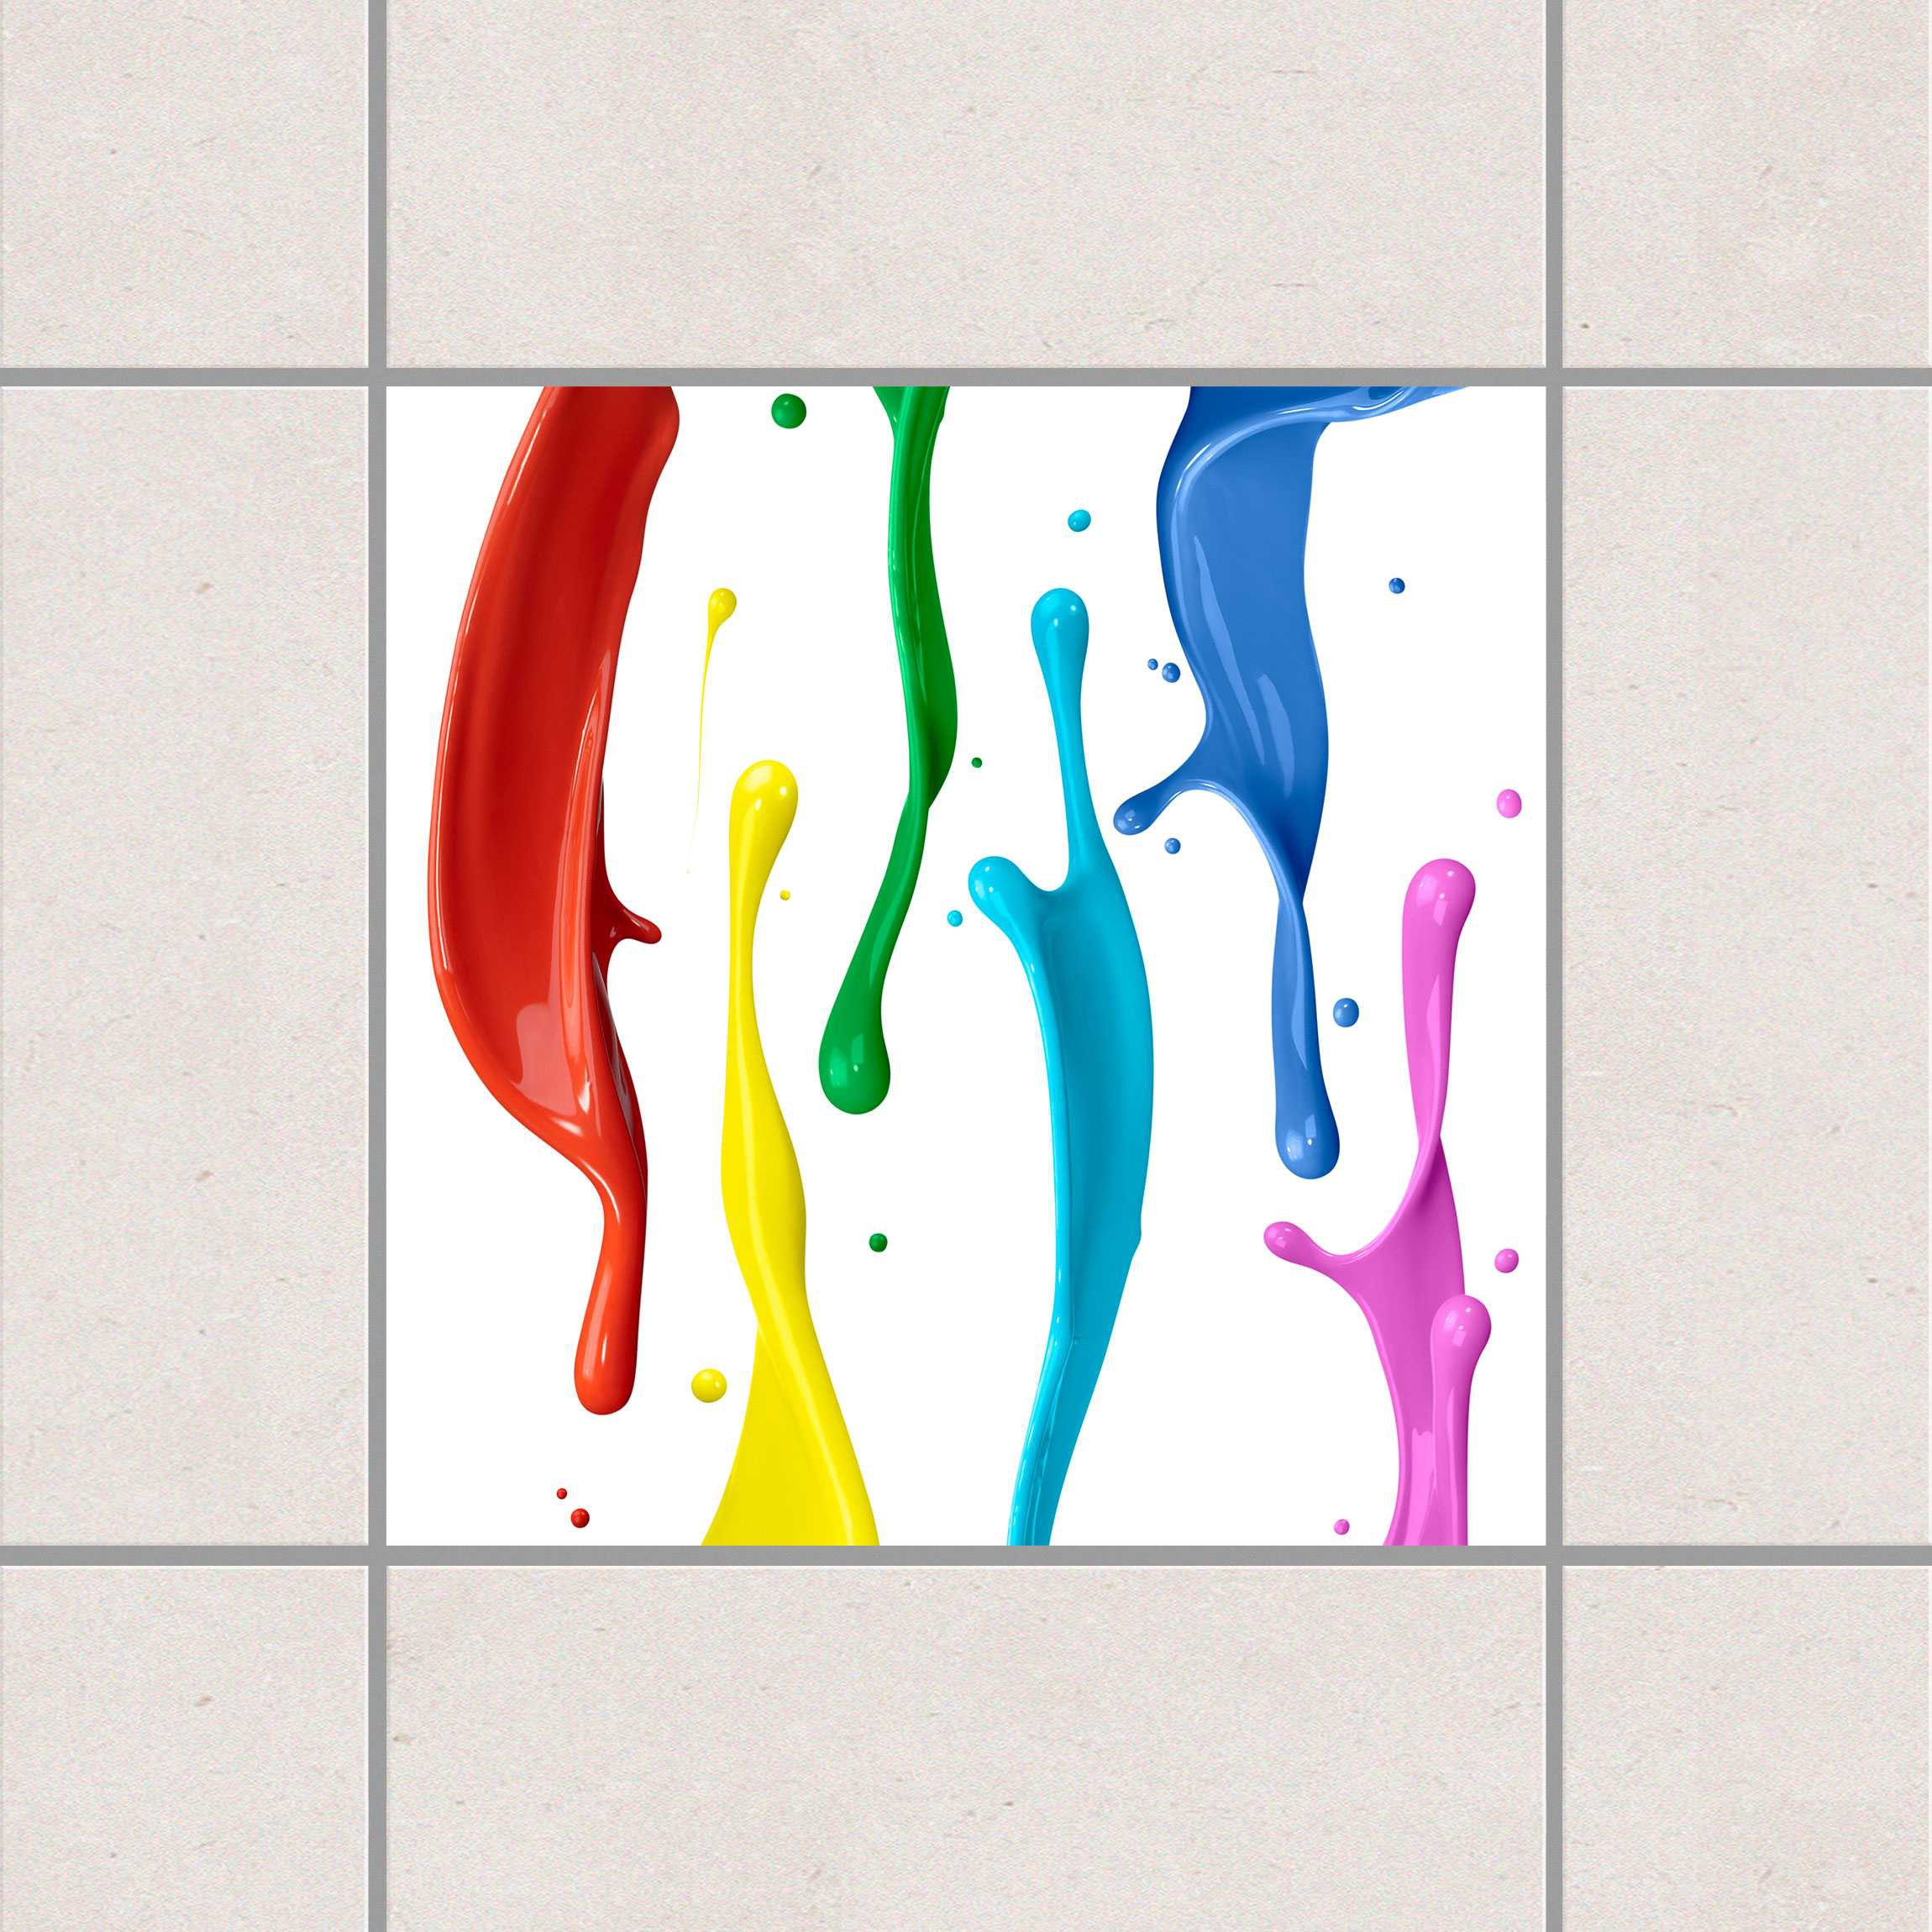 Fliesenaufkleber farbspritzer 15x15 cm fliesensticker set for Fliesensticker 15x15